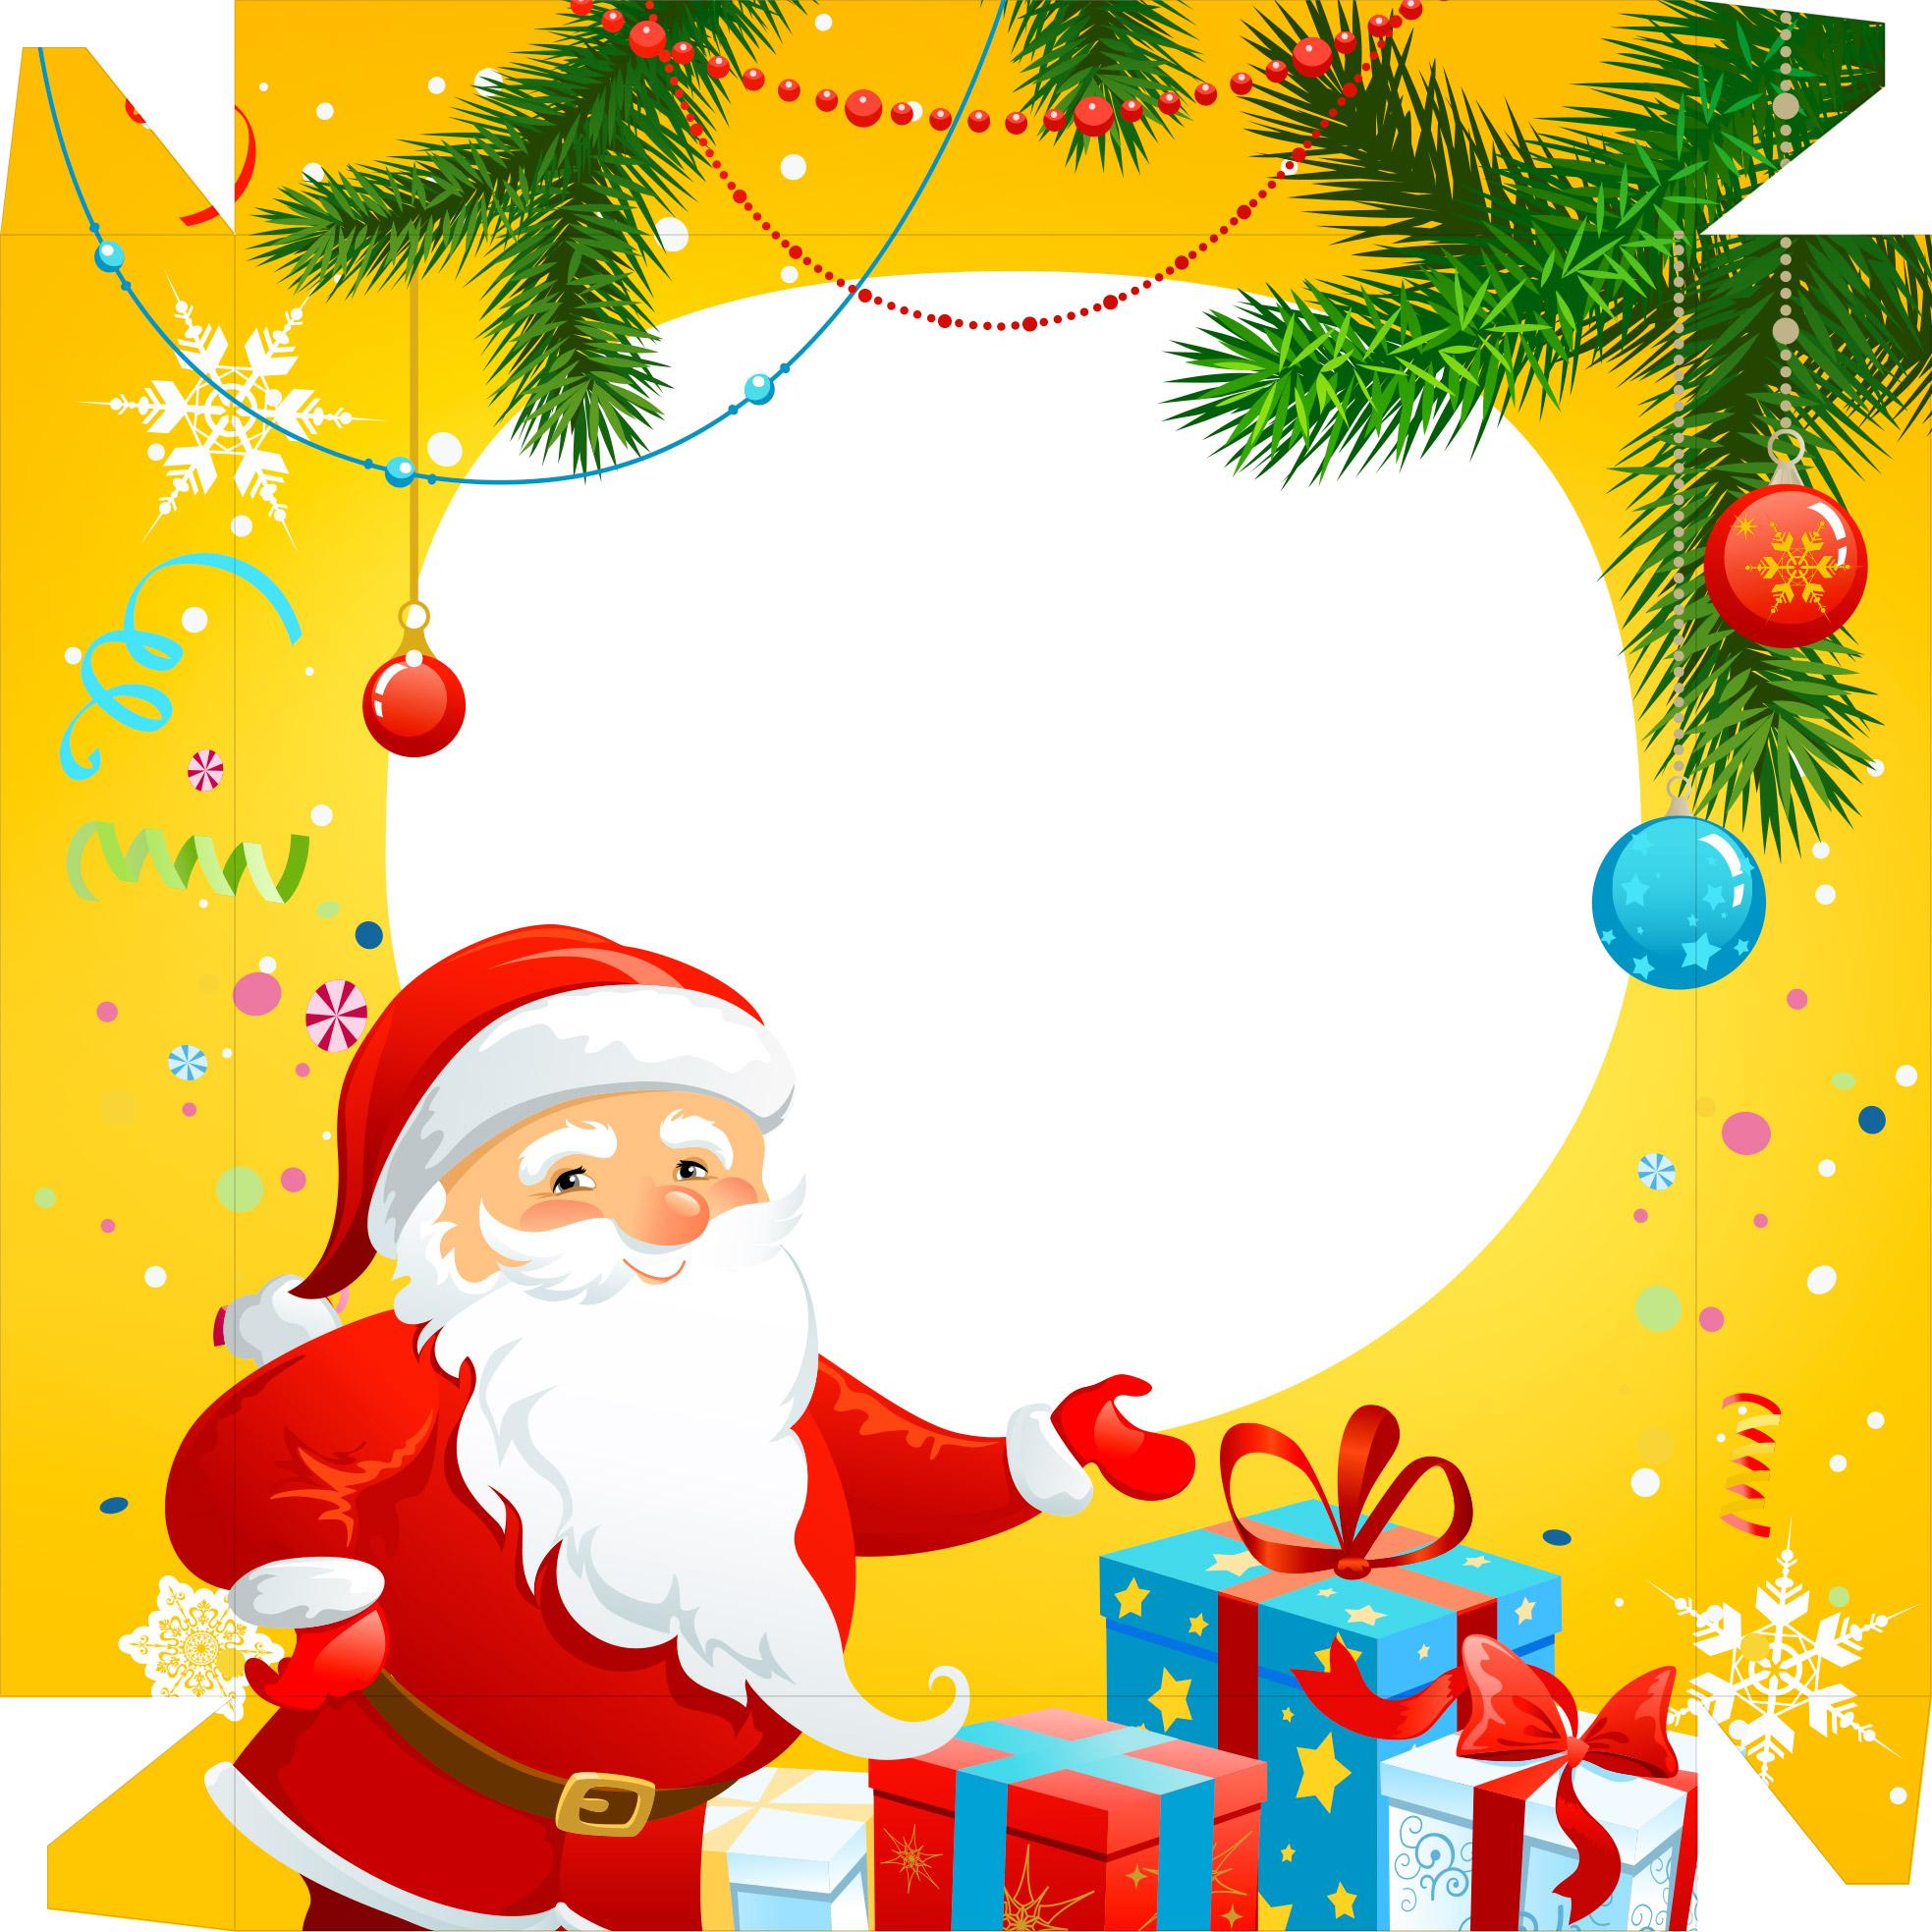 Caixa Bombom Presente Natal - parte de cima